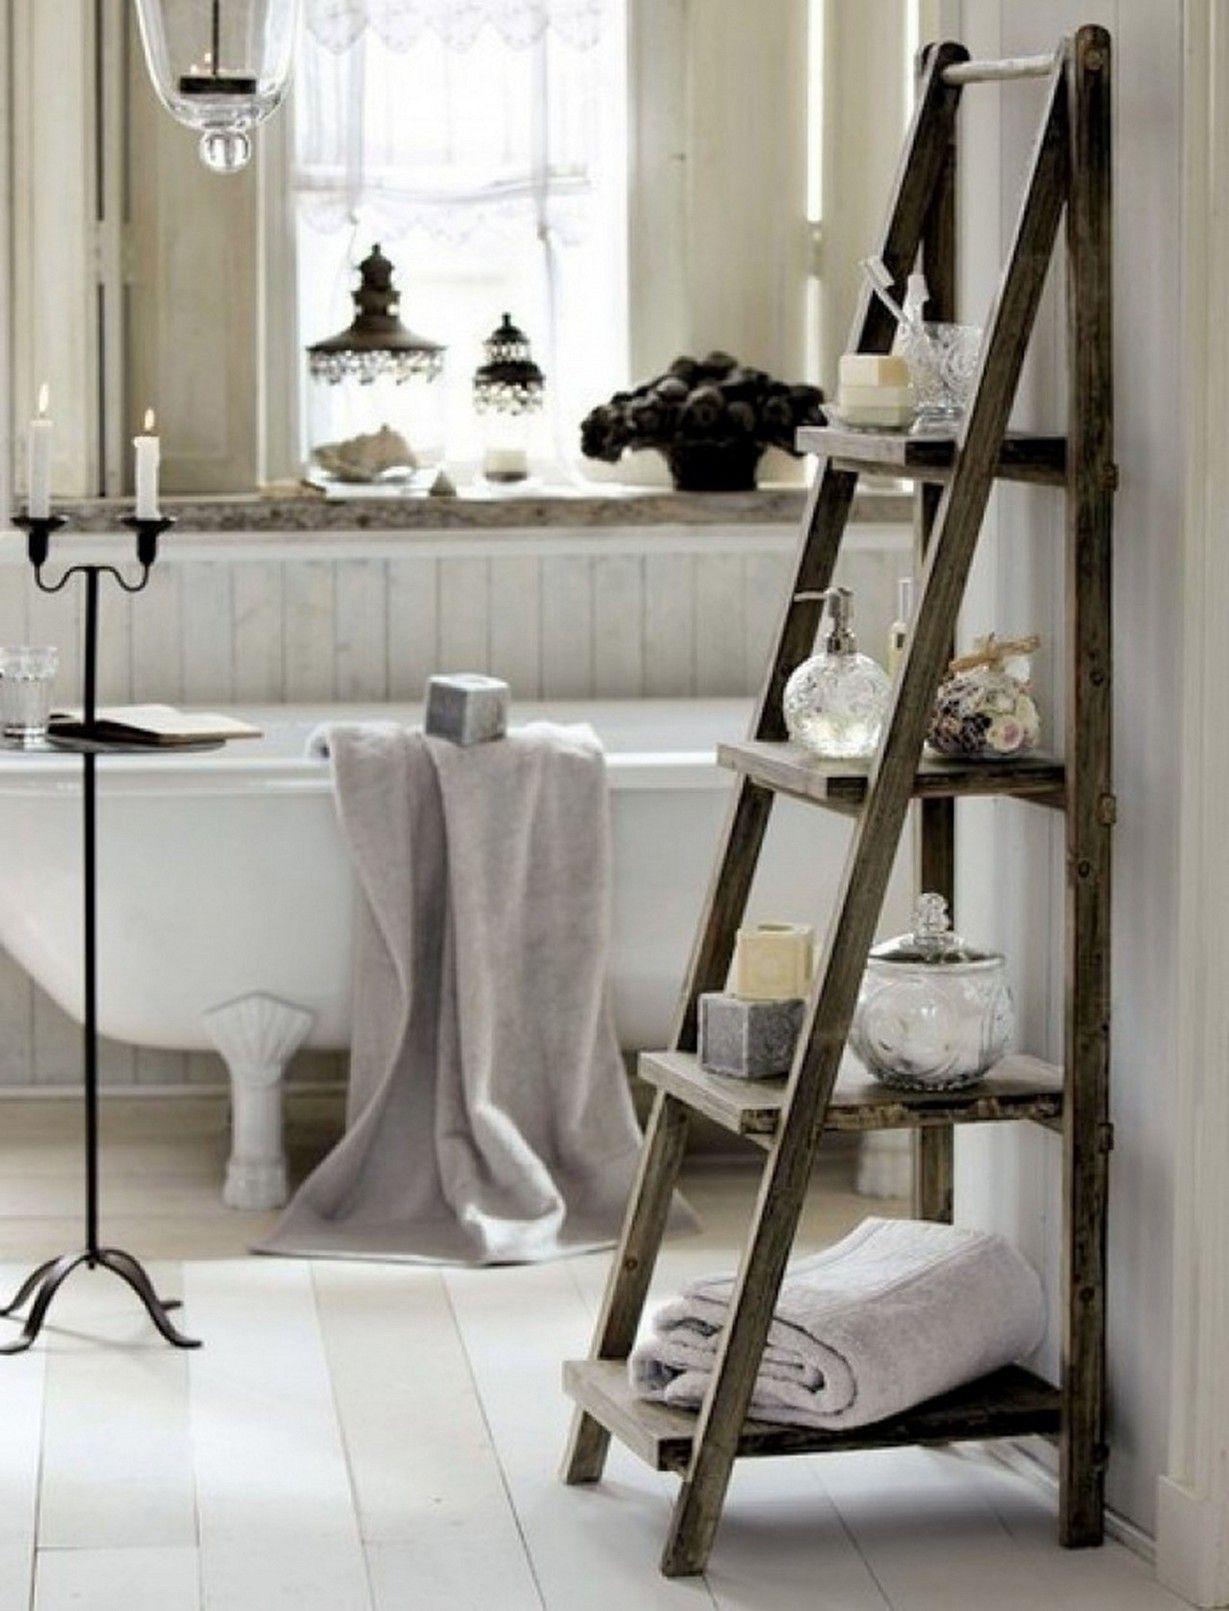 Where To Put Towel Bar In Small Bathroom Google Search Ladder Towel Racks Bathroom Ladder Diy Bathroom Decor